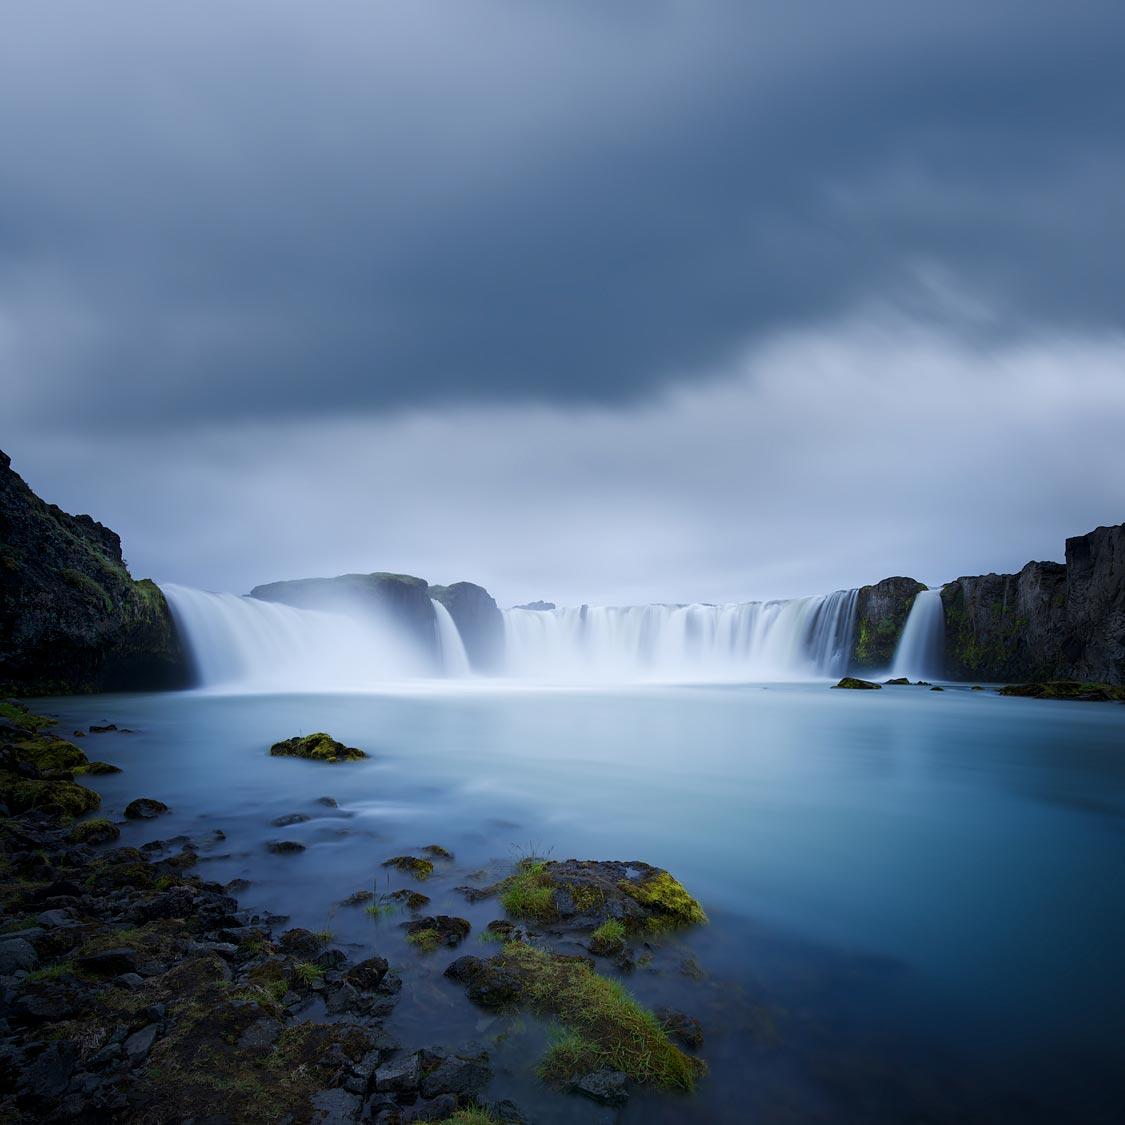 Vistas deslumbrantes da Islândia capturadas por Jerome Berbigier 01